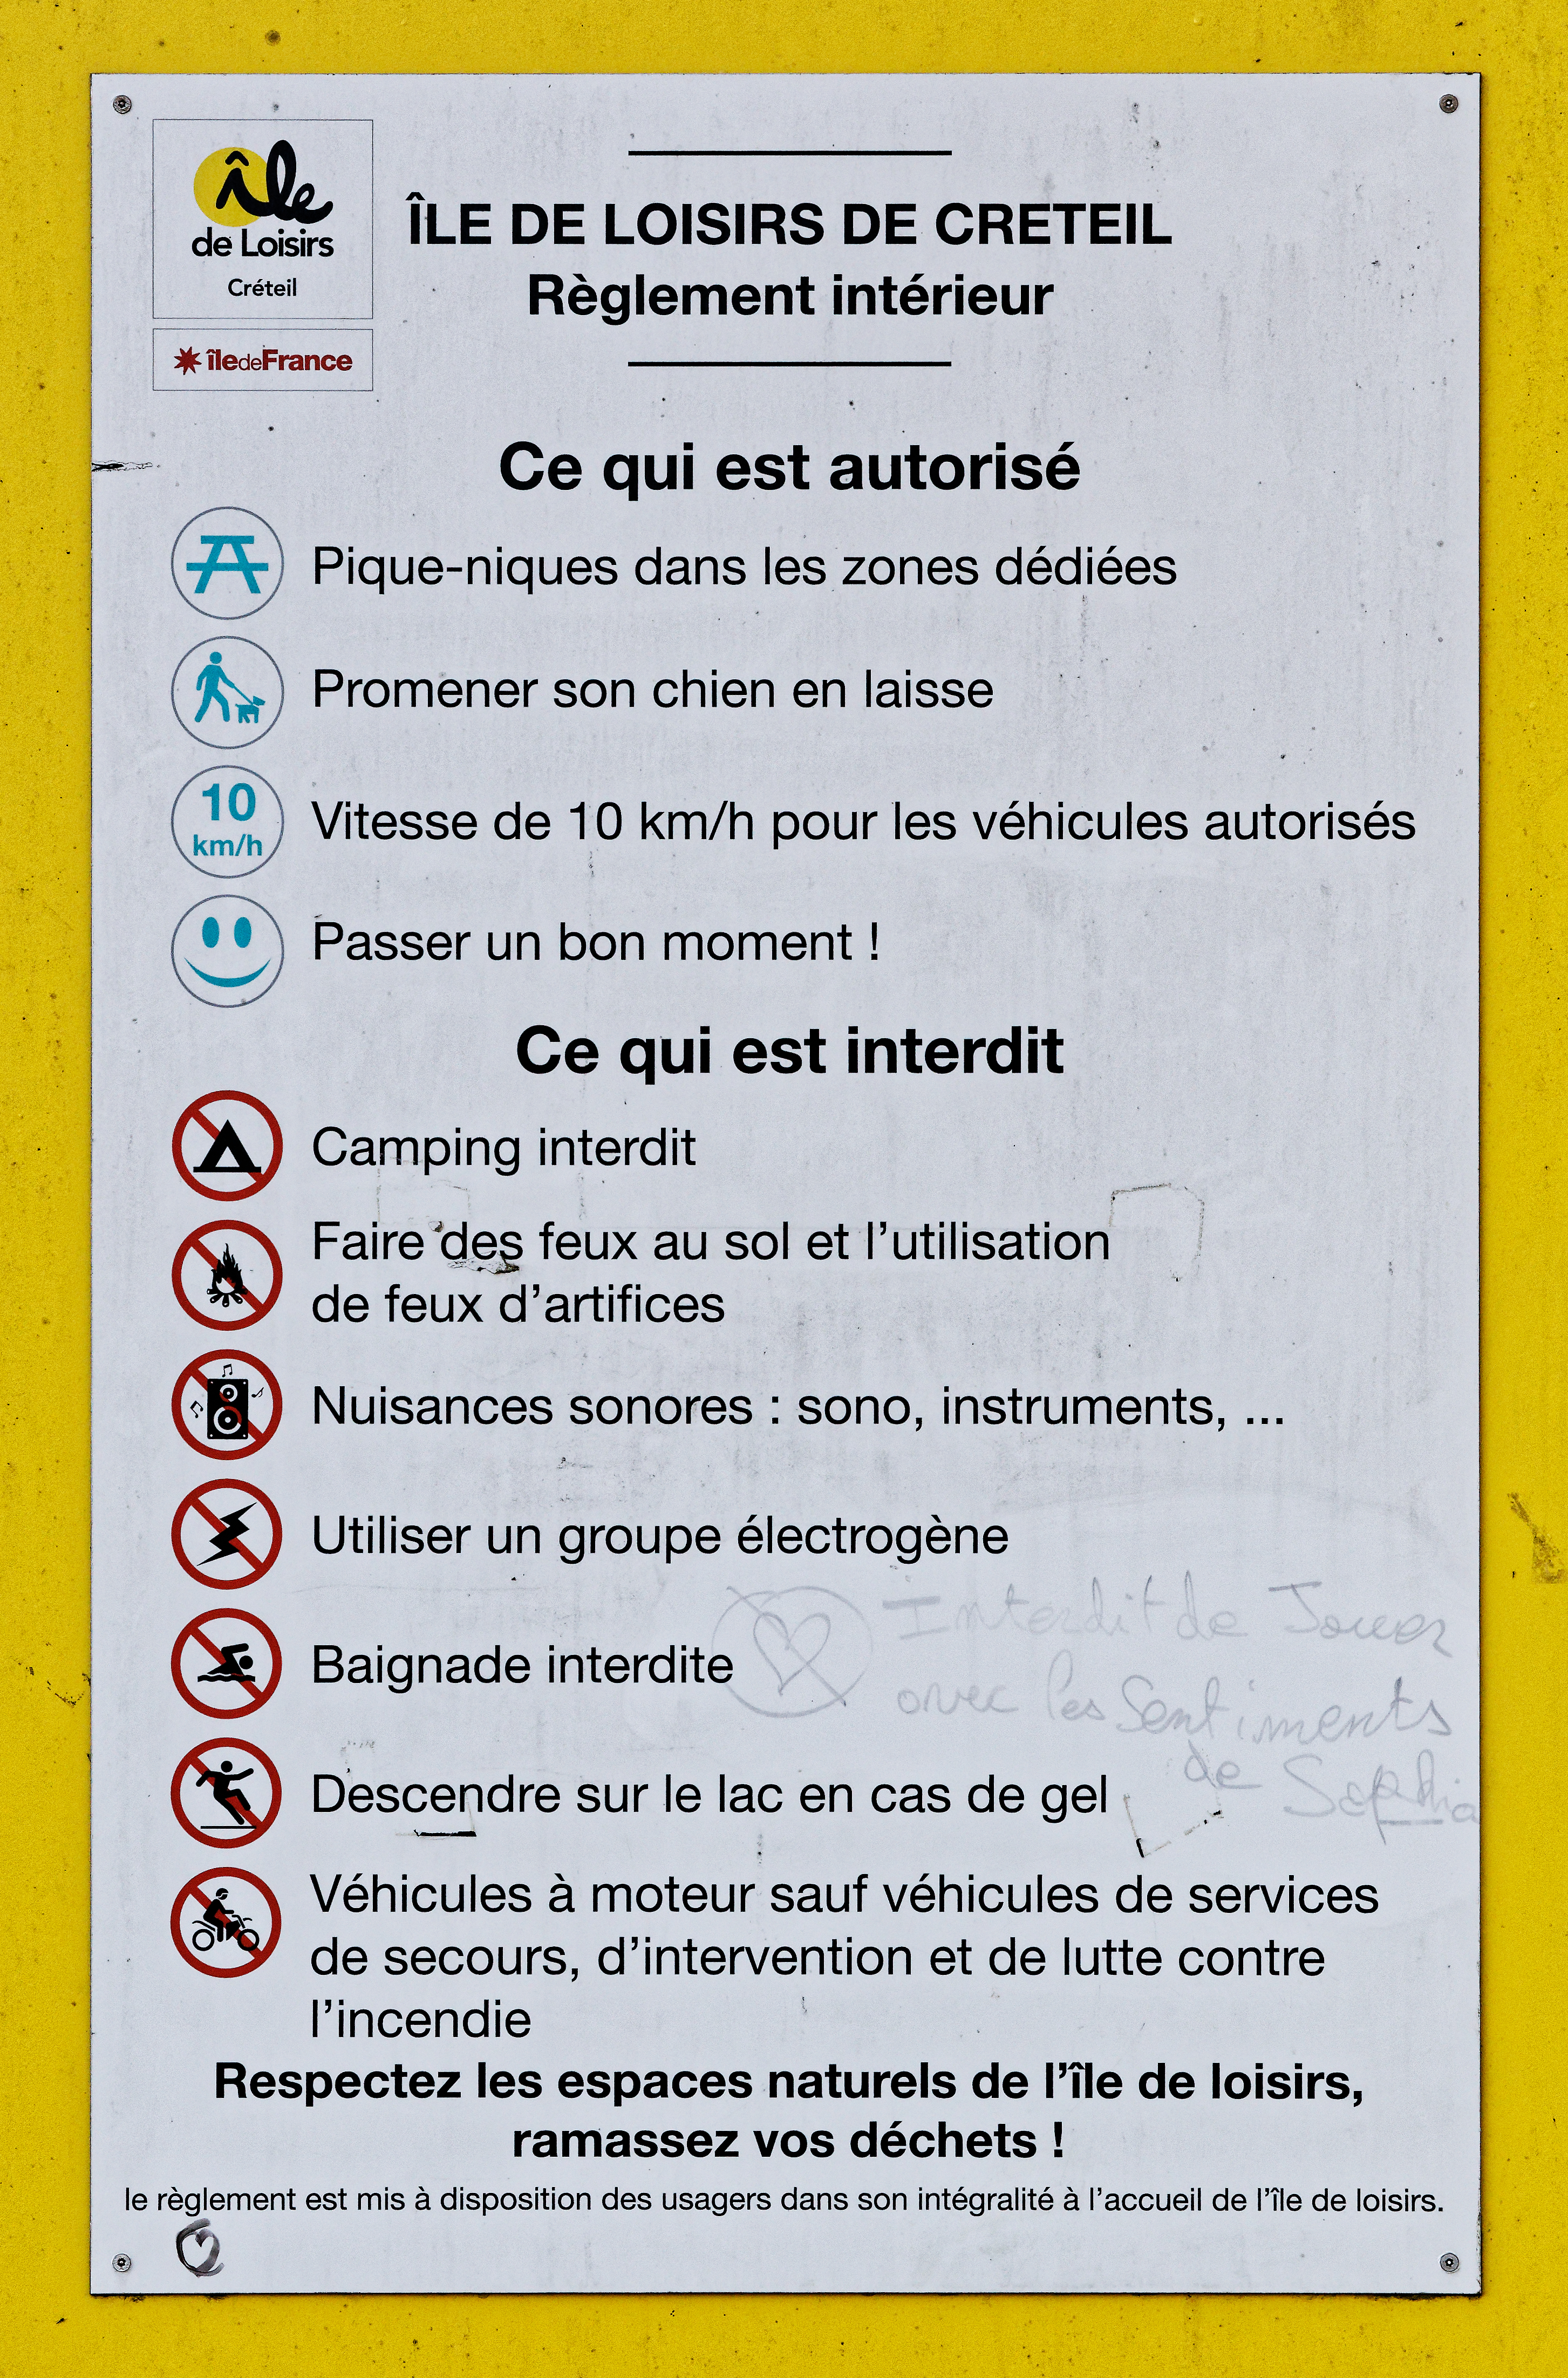 ÎLE DE LOISIRS DE CRETEIL - Règlement intérieur